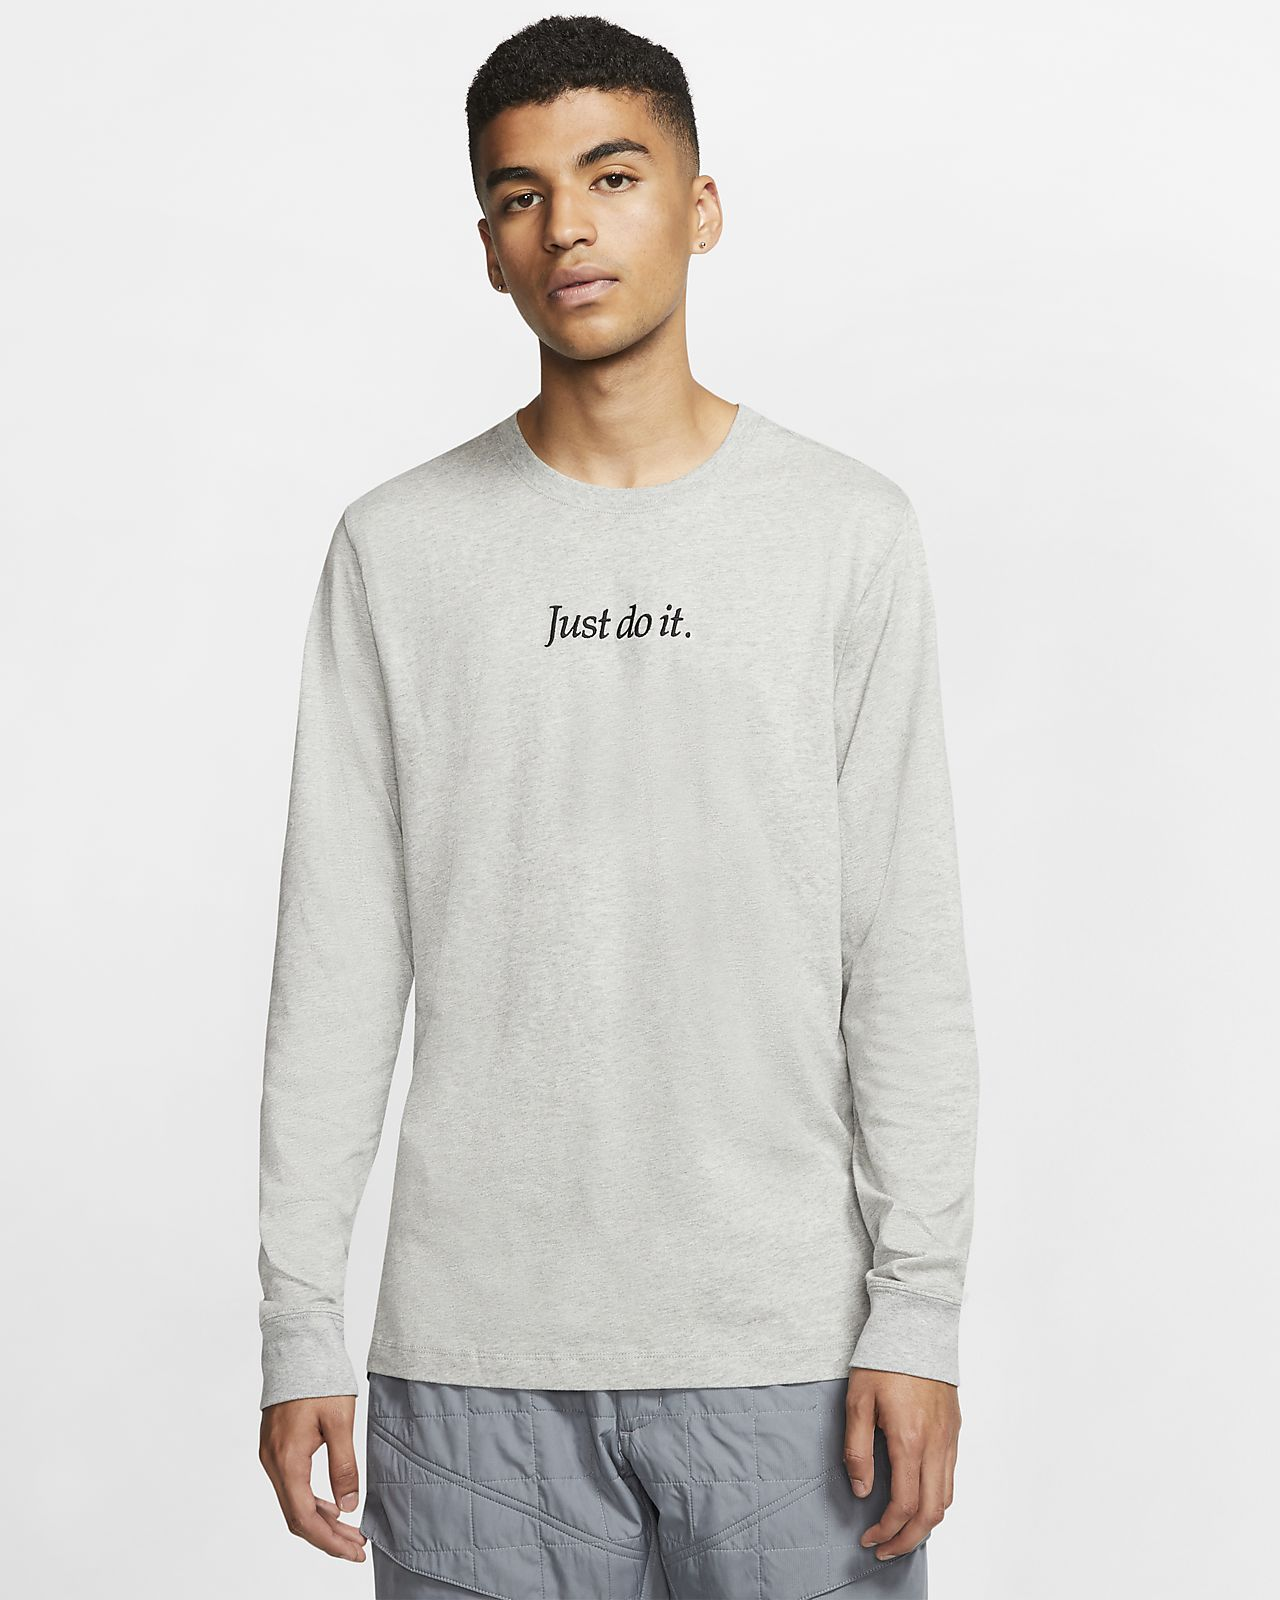 für Shirt Langarm T Nike Sportswear JDI Herren qpLzSUMVG